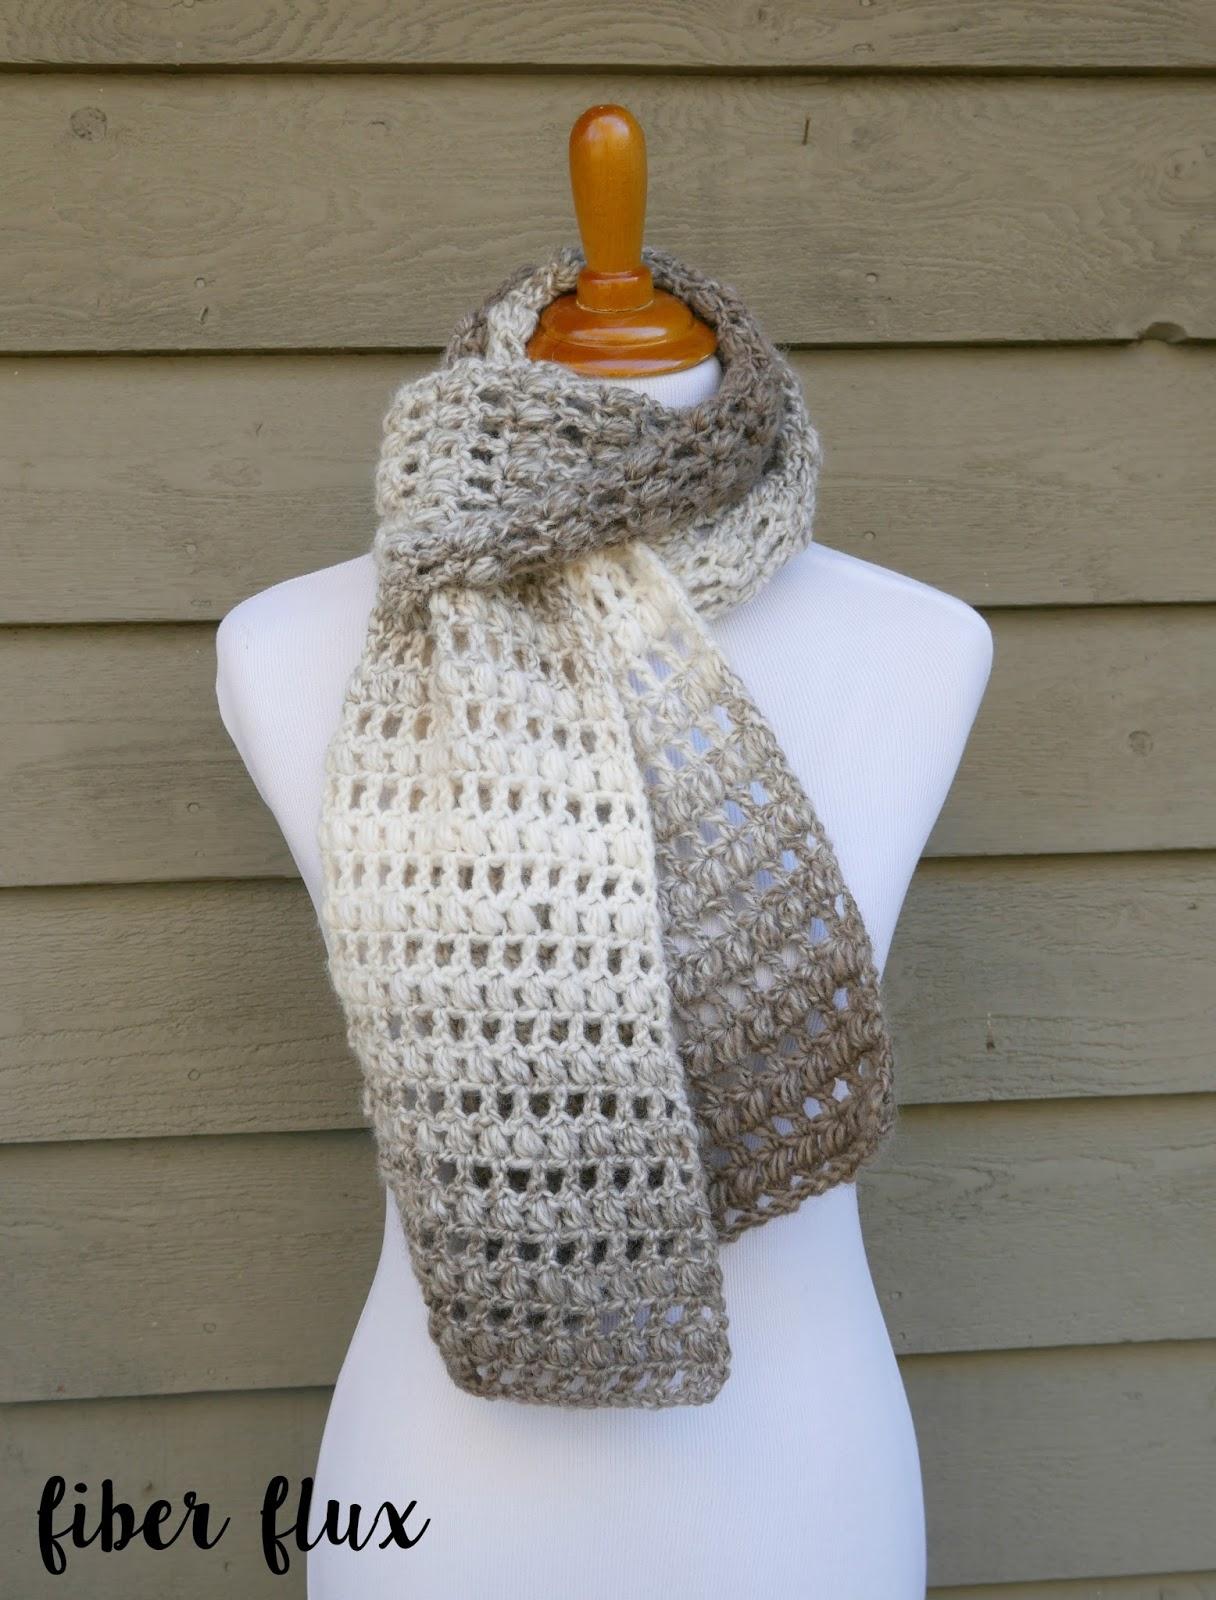 Fiber Flux Free Crochet Patterntea Leaves Scarf